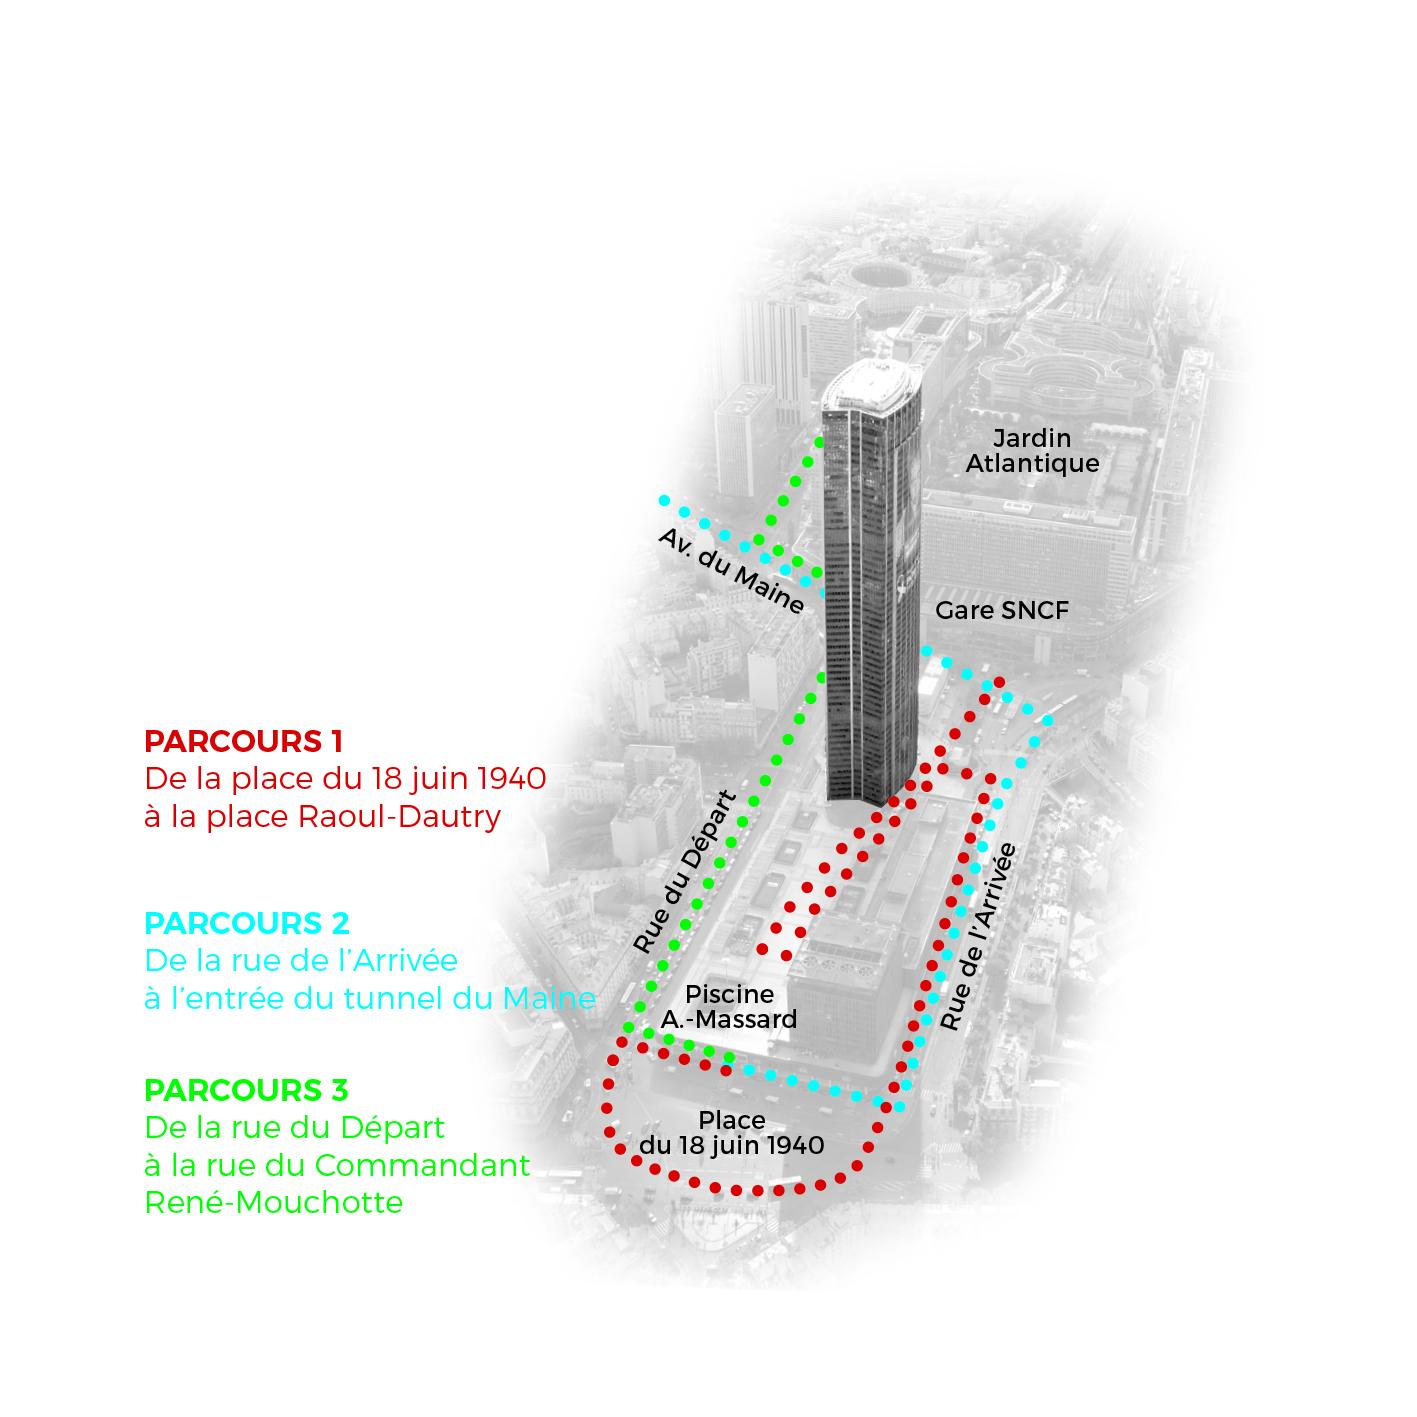 Parcours marche explotoire du 12 octobre